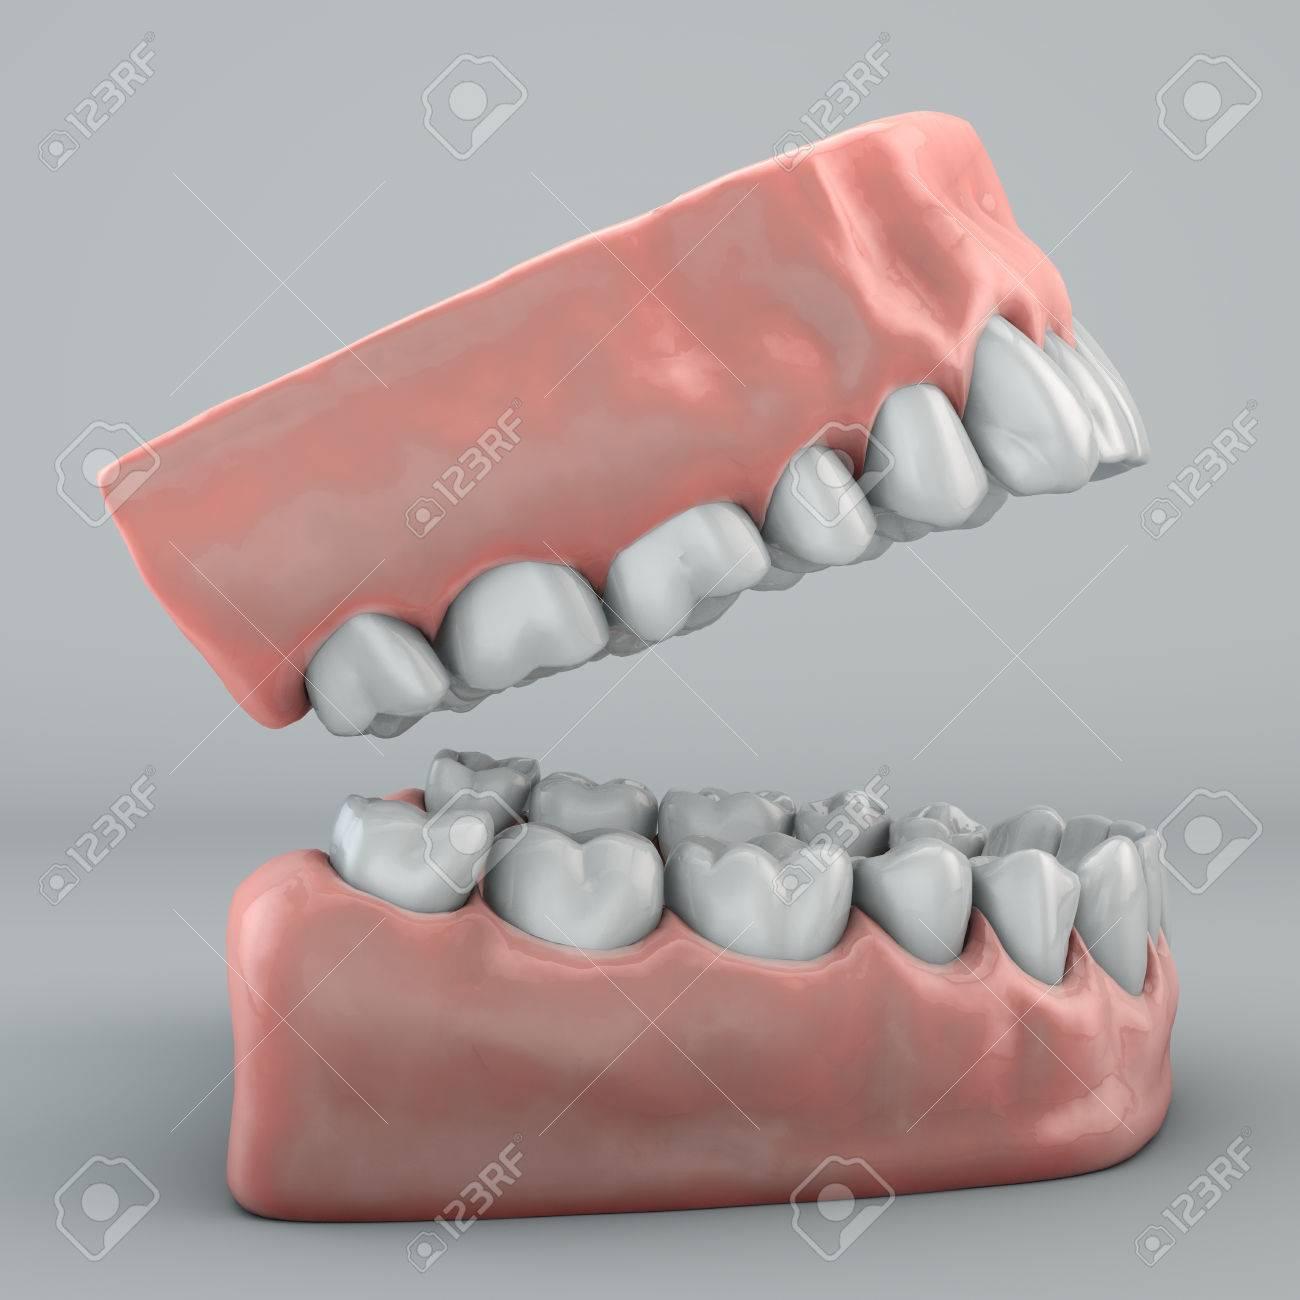 Fein Anatomie Der Zähne Und Des Zahnfleischs Zeitgenössisch ...